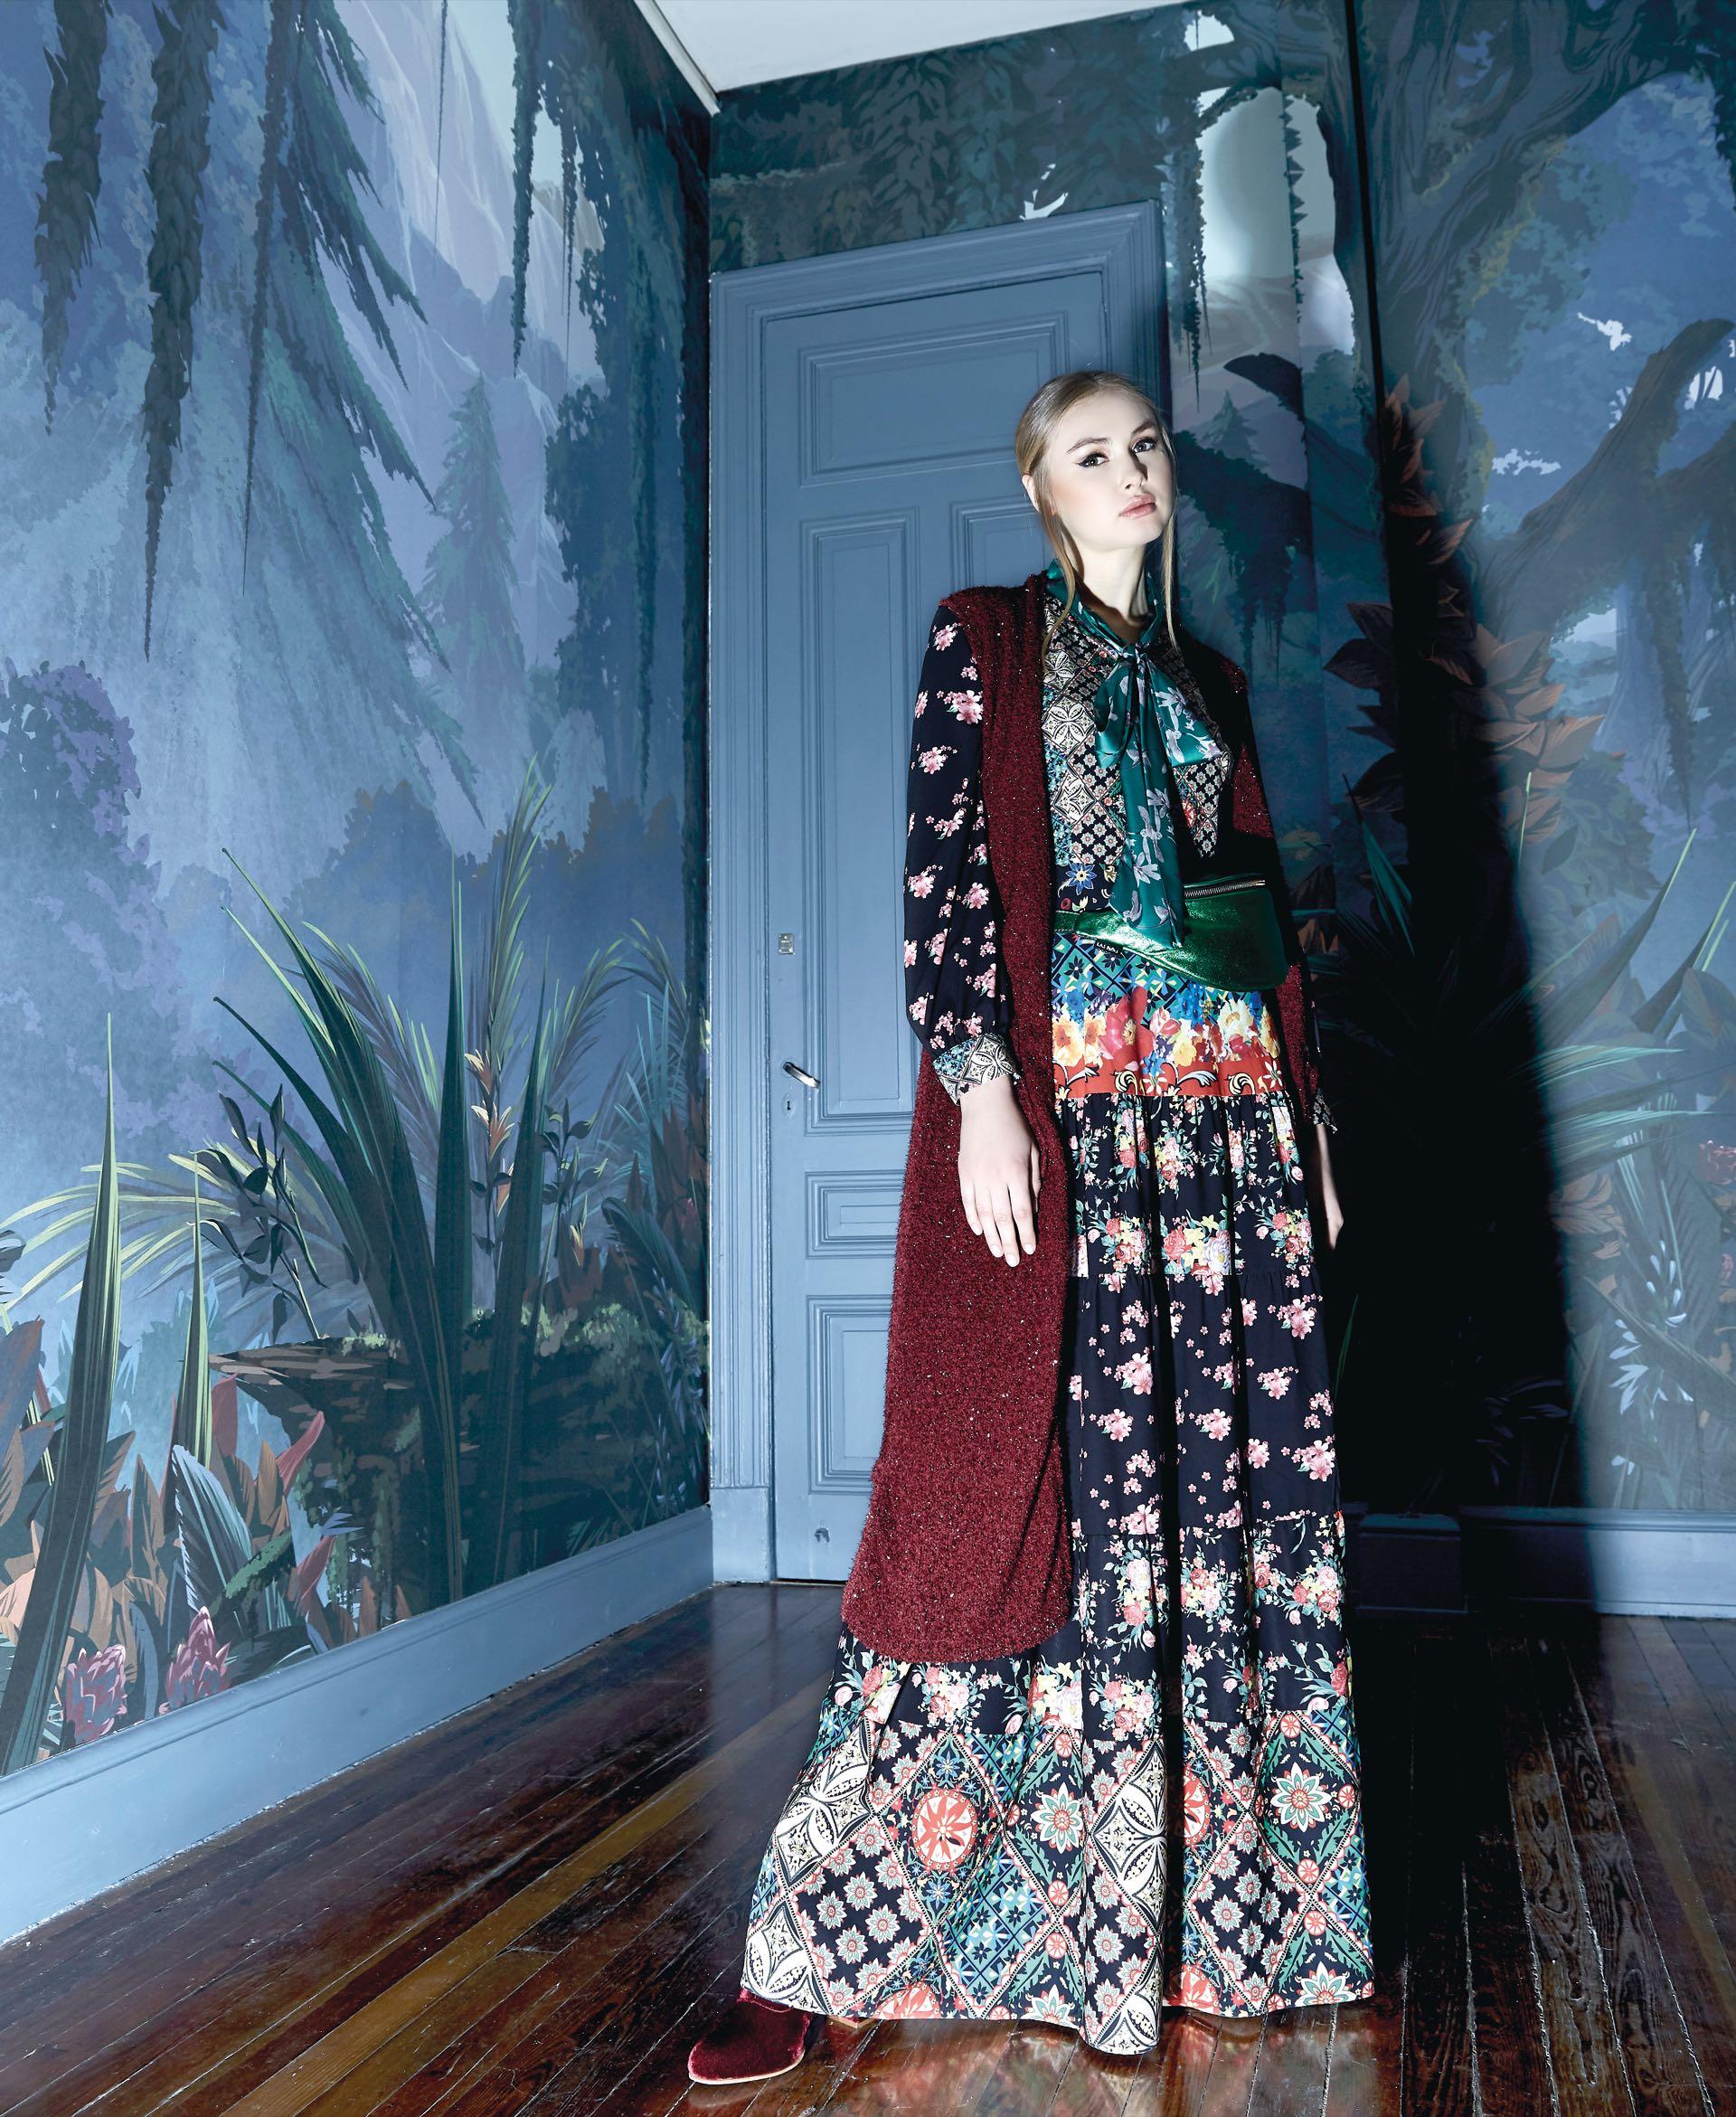 Vestido largo estampado ($ 9.980, Brava), riñonera metalizada ($ 1.990, Las Pepas), chaleco de lana ($ 5.200, Vitamina) y botas de terciopelo (Vitamina). (Fotos: Raúl De Chapeaurouge/ Para Ti)